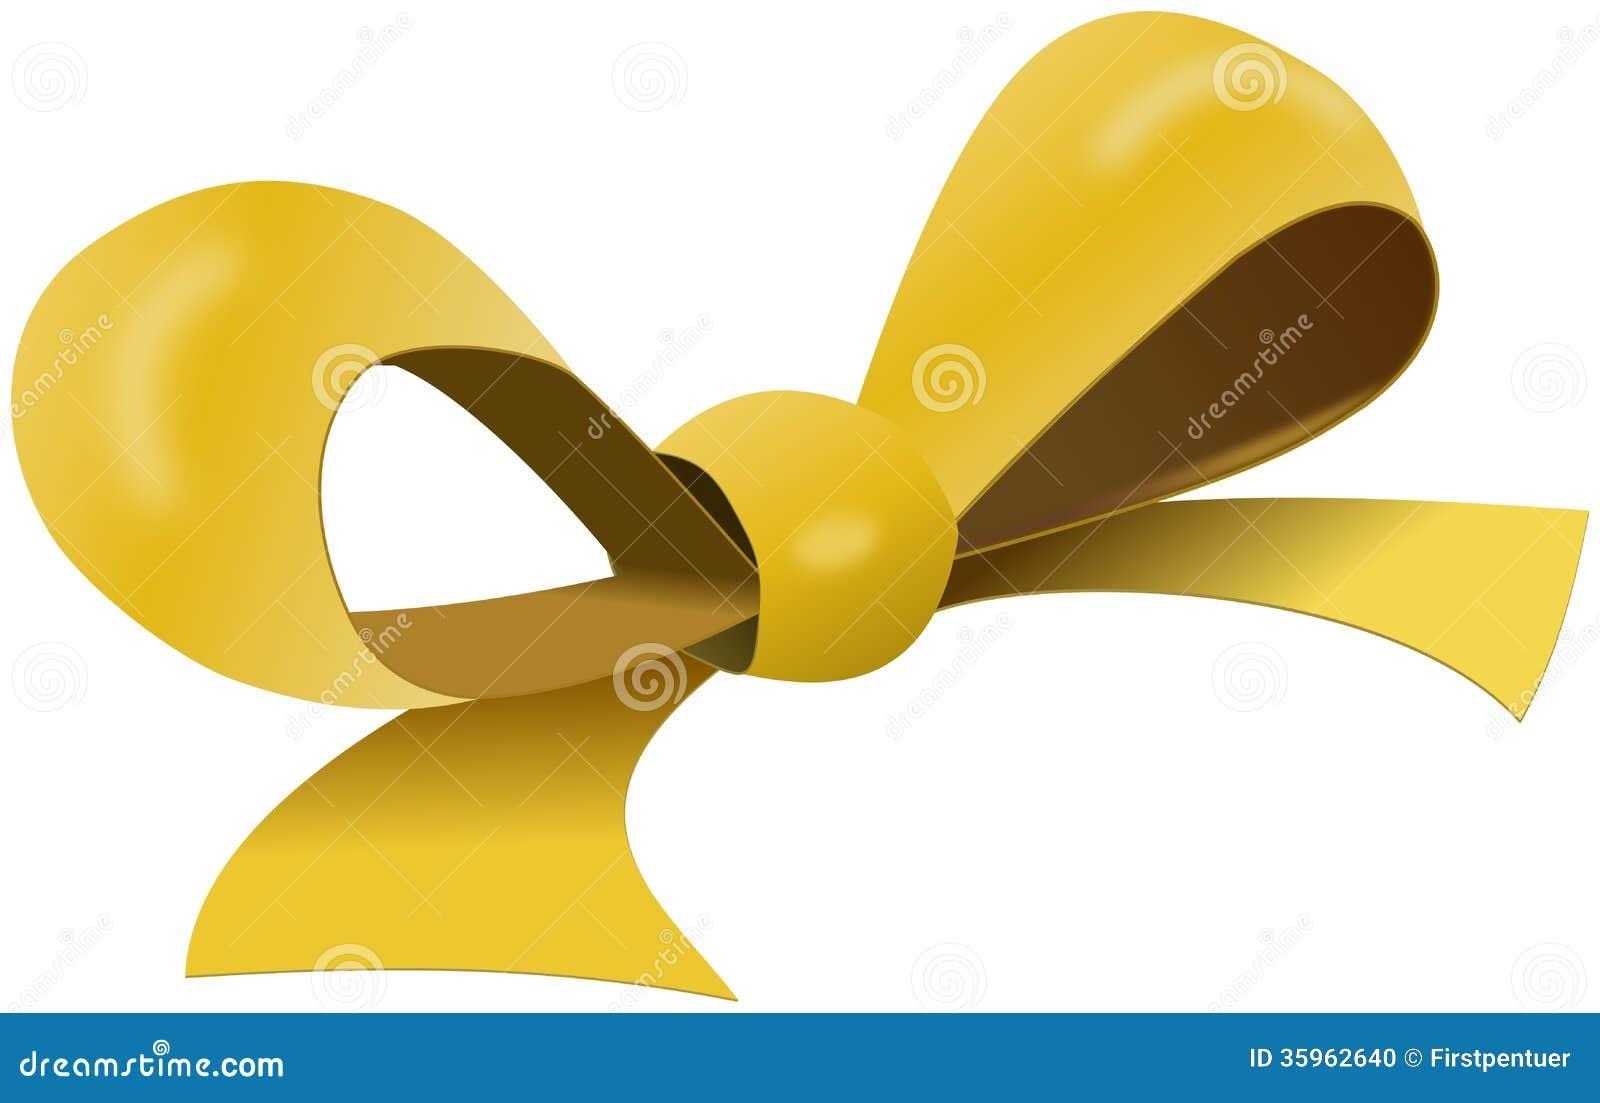 Arco amarillo para la caja de regalo